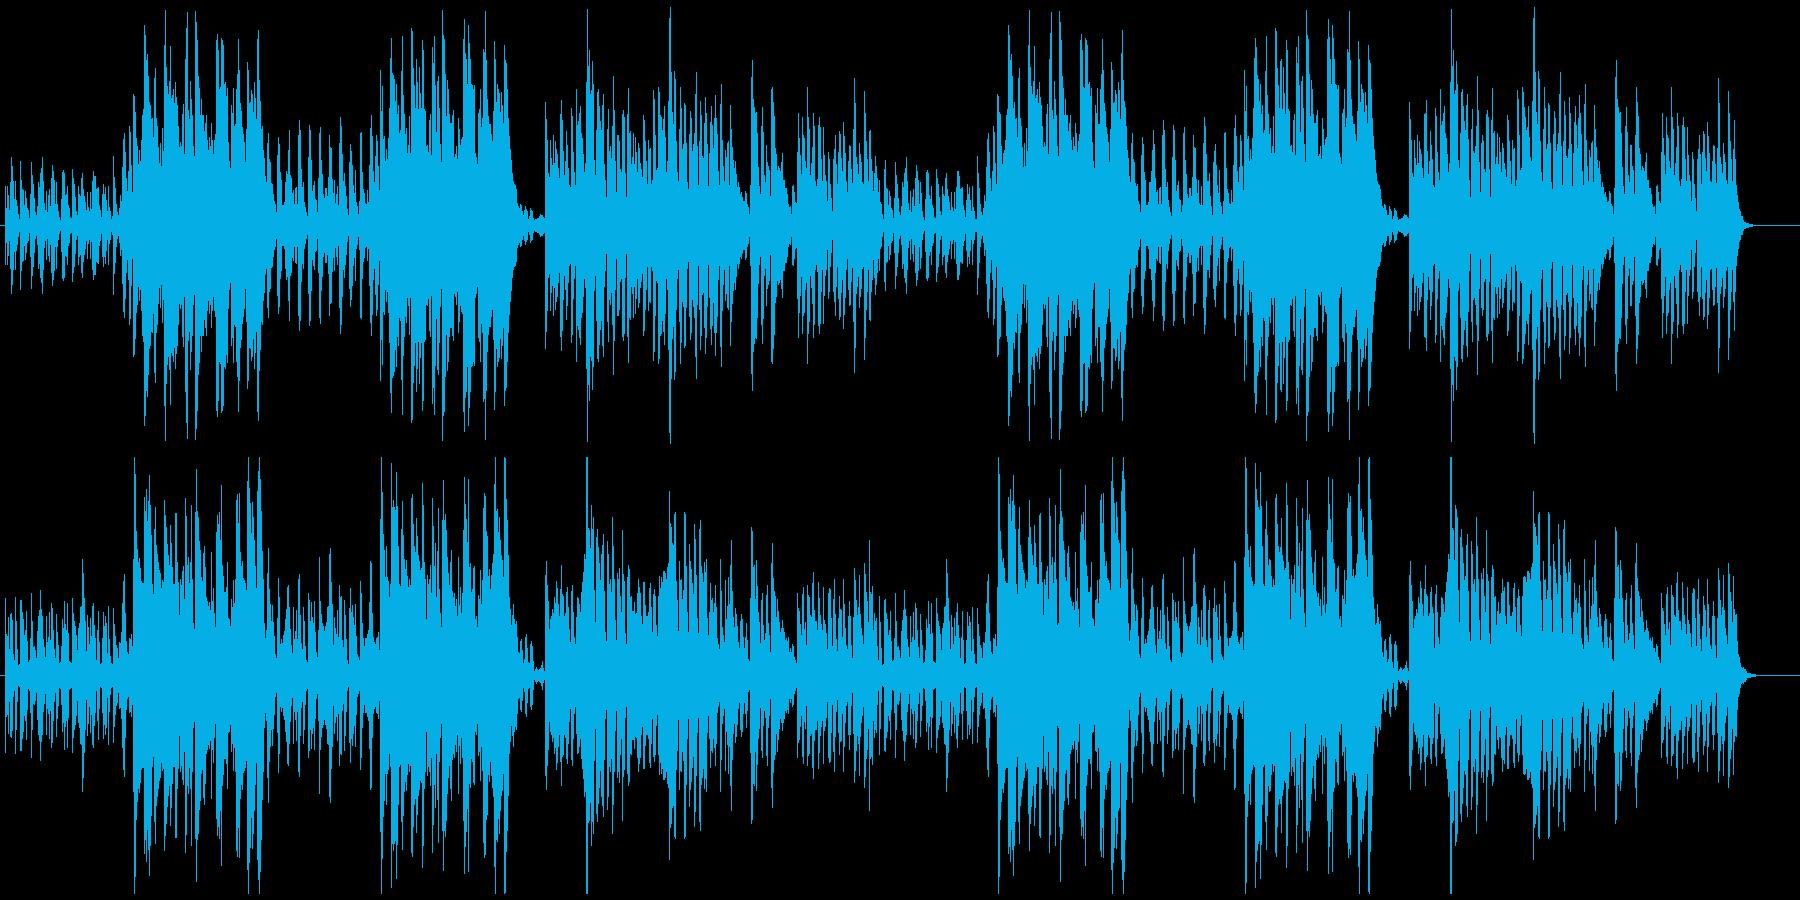 【飲料水等CM】素朴で清潔感のある曲の再生済みの波形